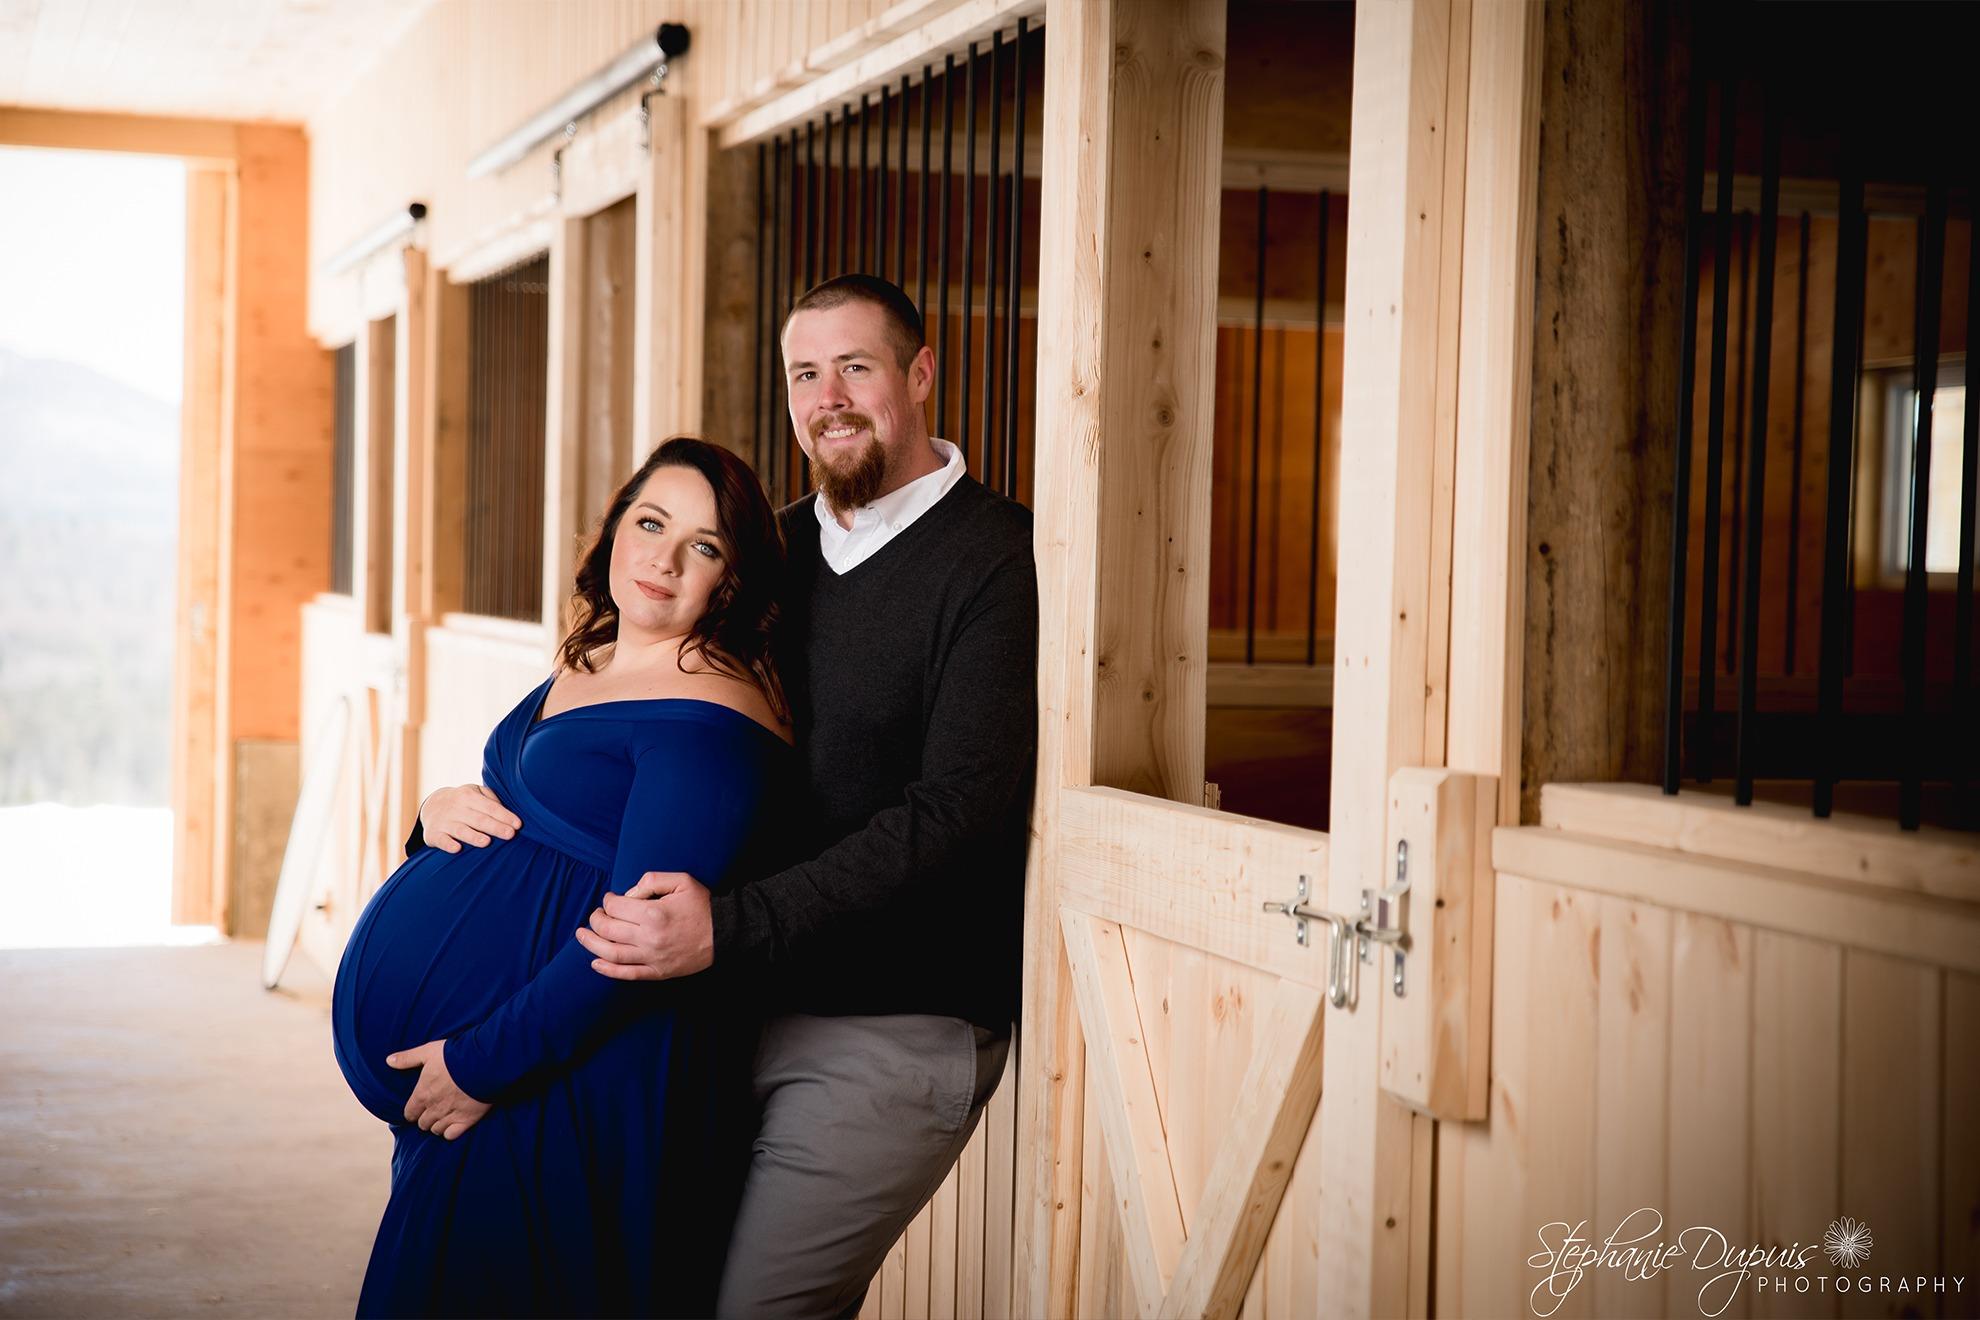 Jessica Maternity 1005 - Portfolio: Jessica - Maternity Session